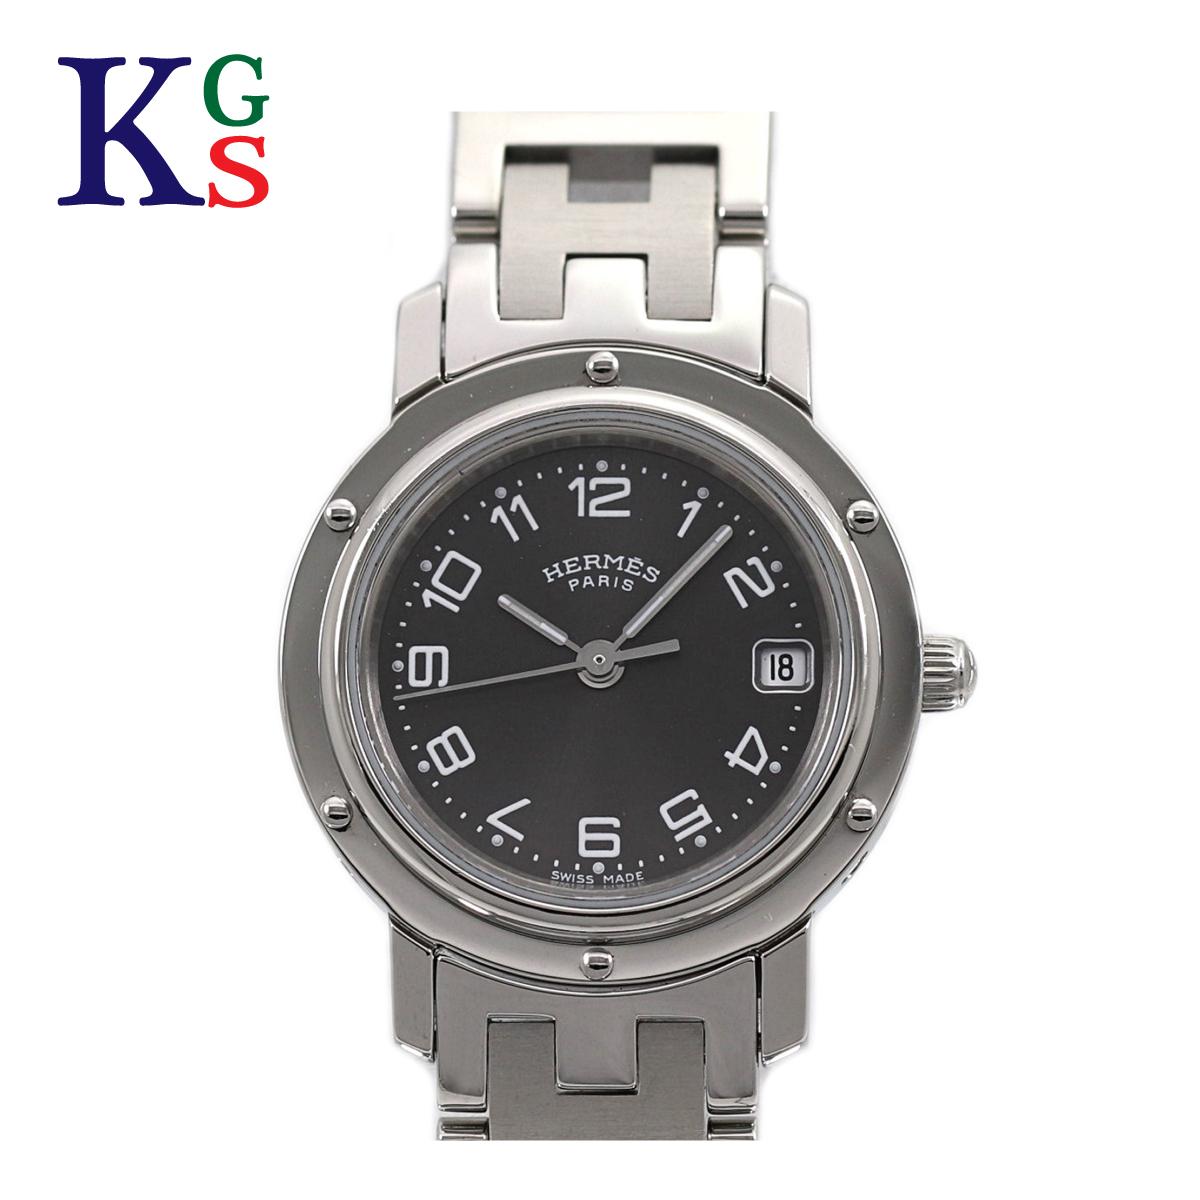 【ギフト品質】エルメス/Hermes レディース 腕時計 クリッパー ブラック文字盤 クオーツ 電池式 ステンレススチール CL4.210